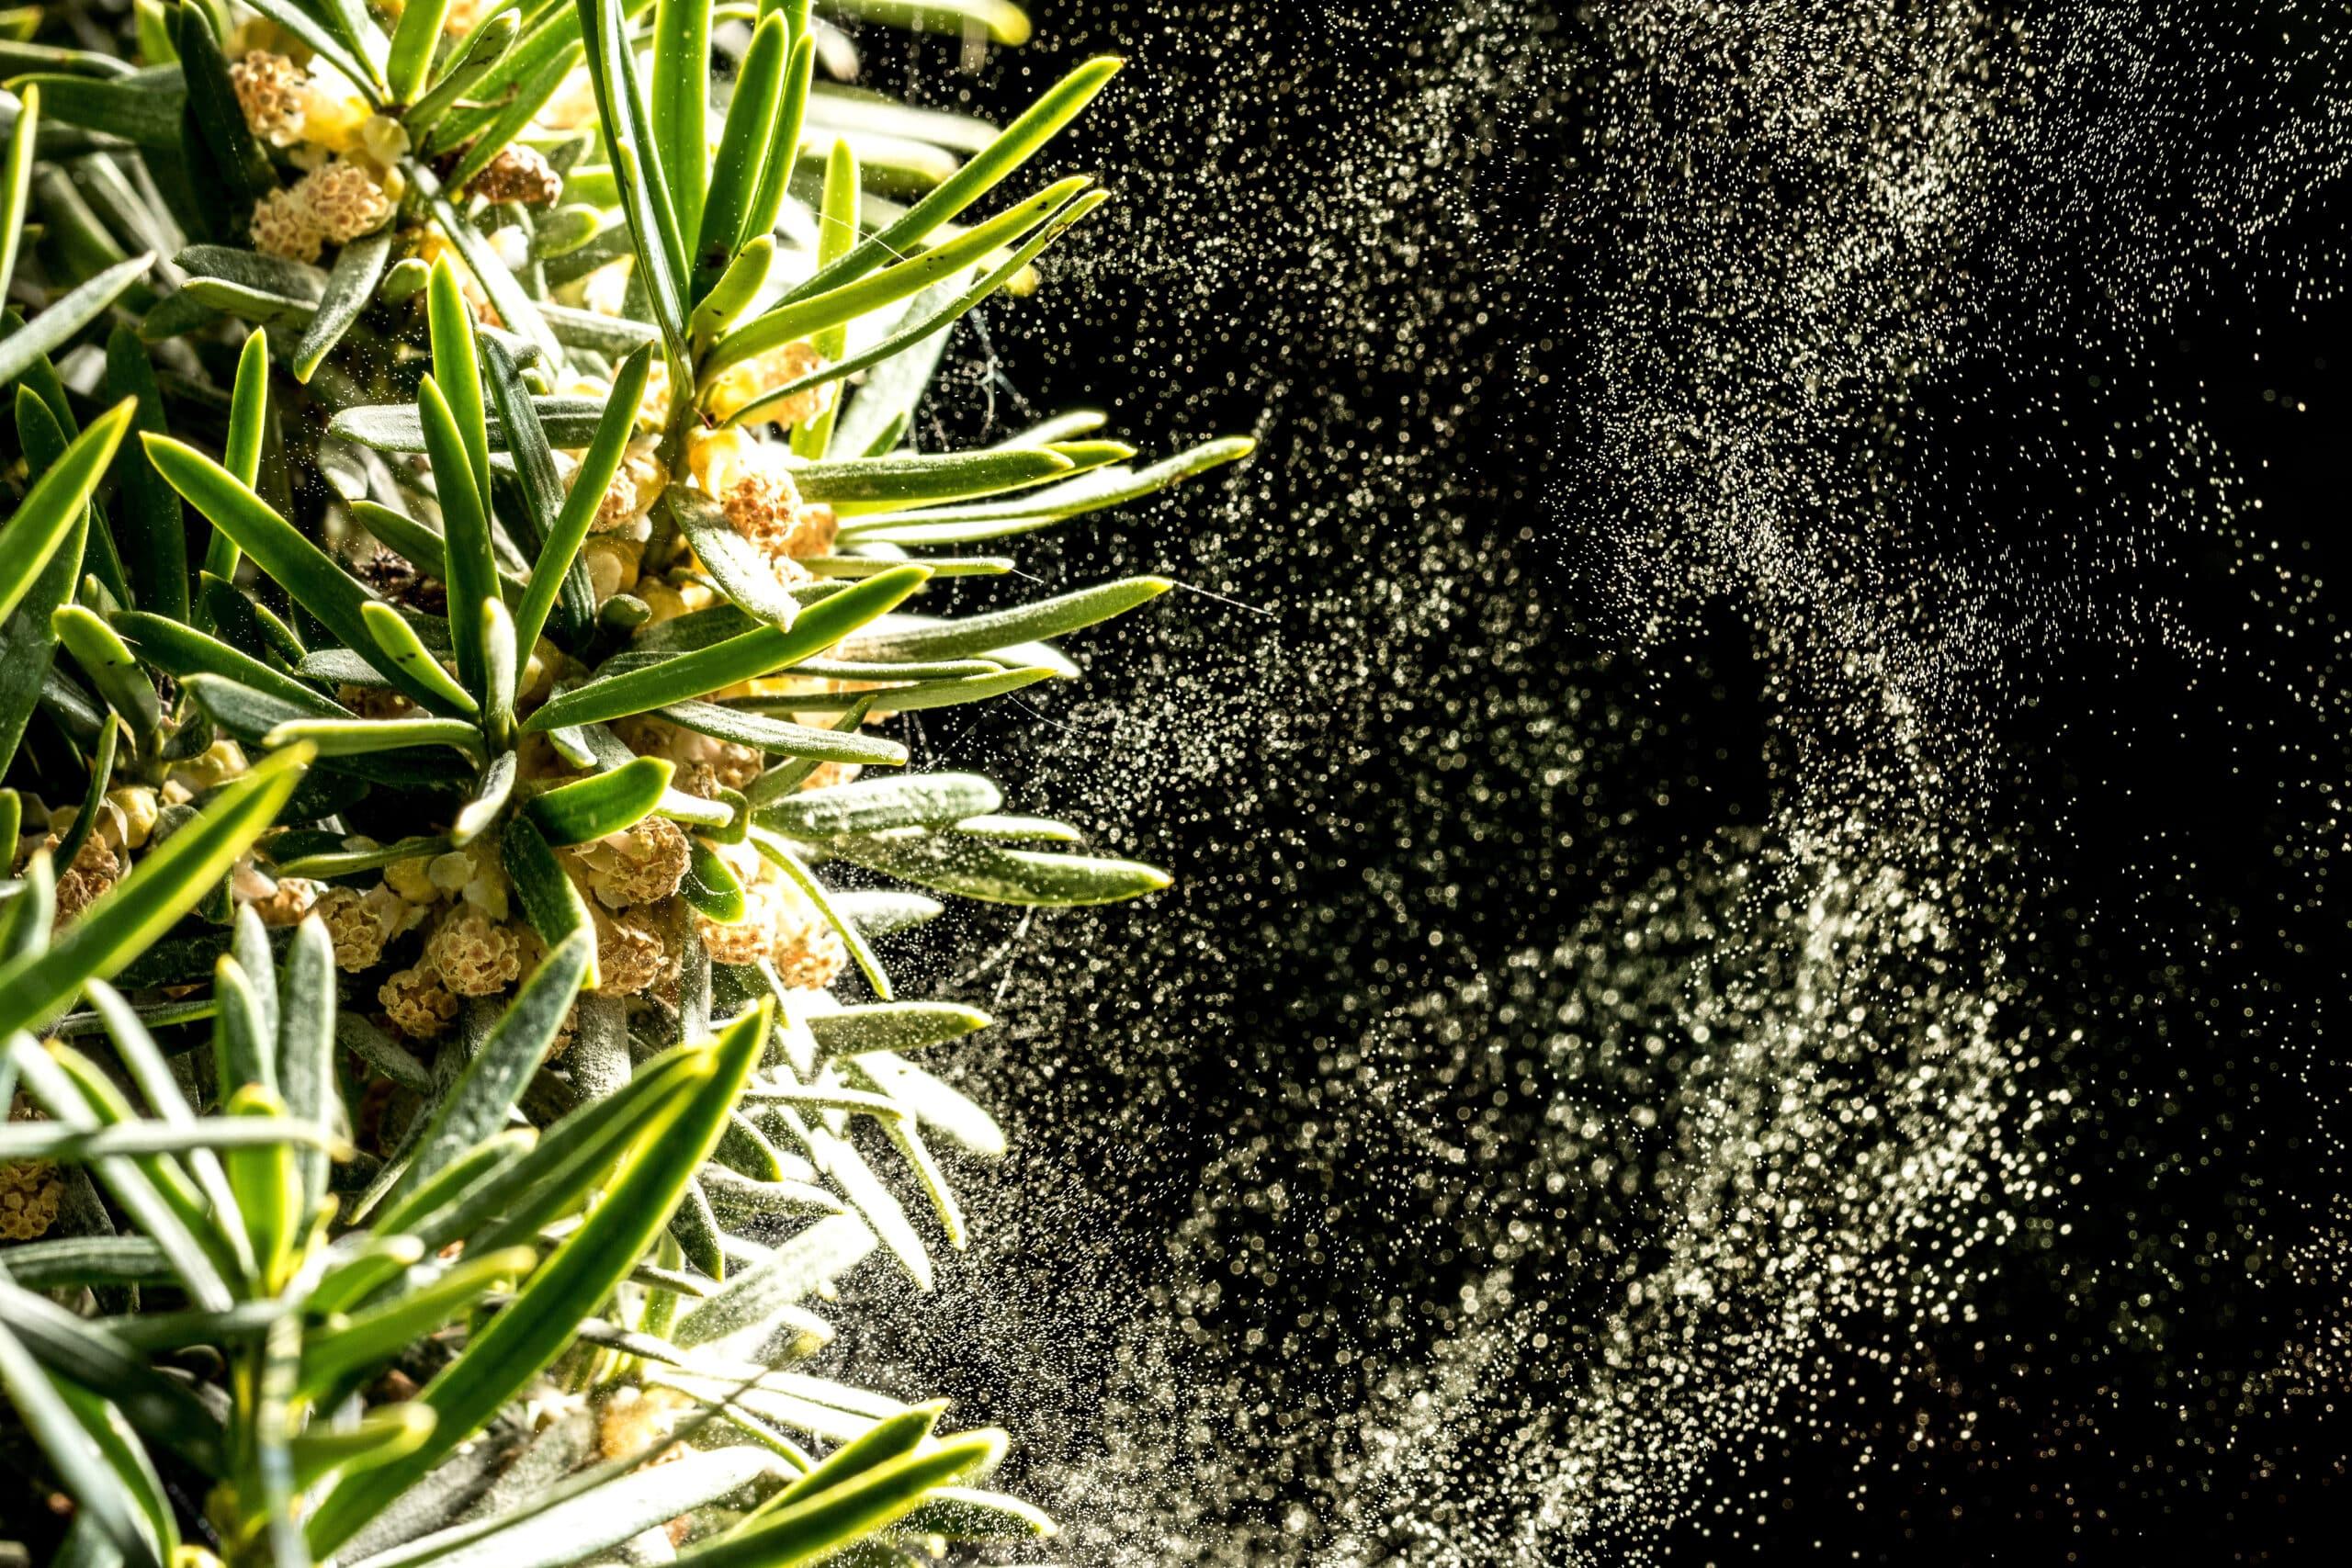 Pavasara putekšņi un alerģija